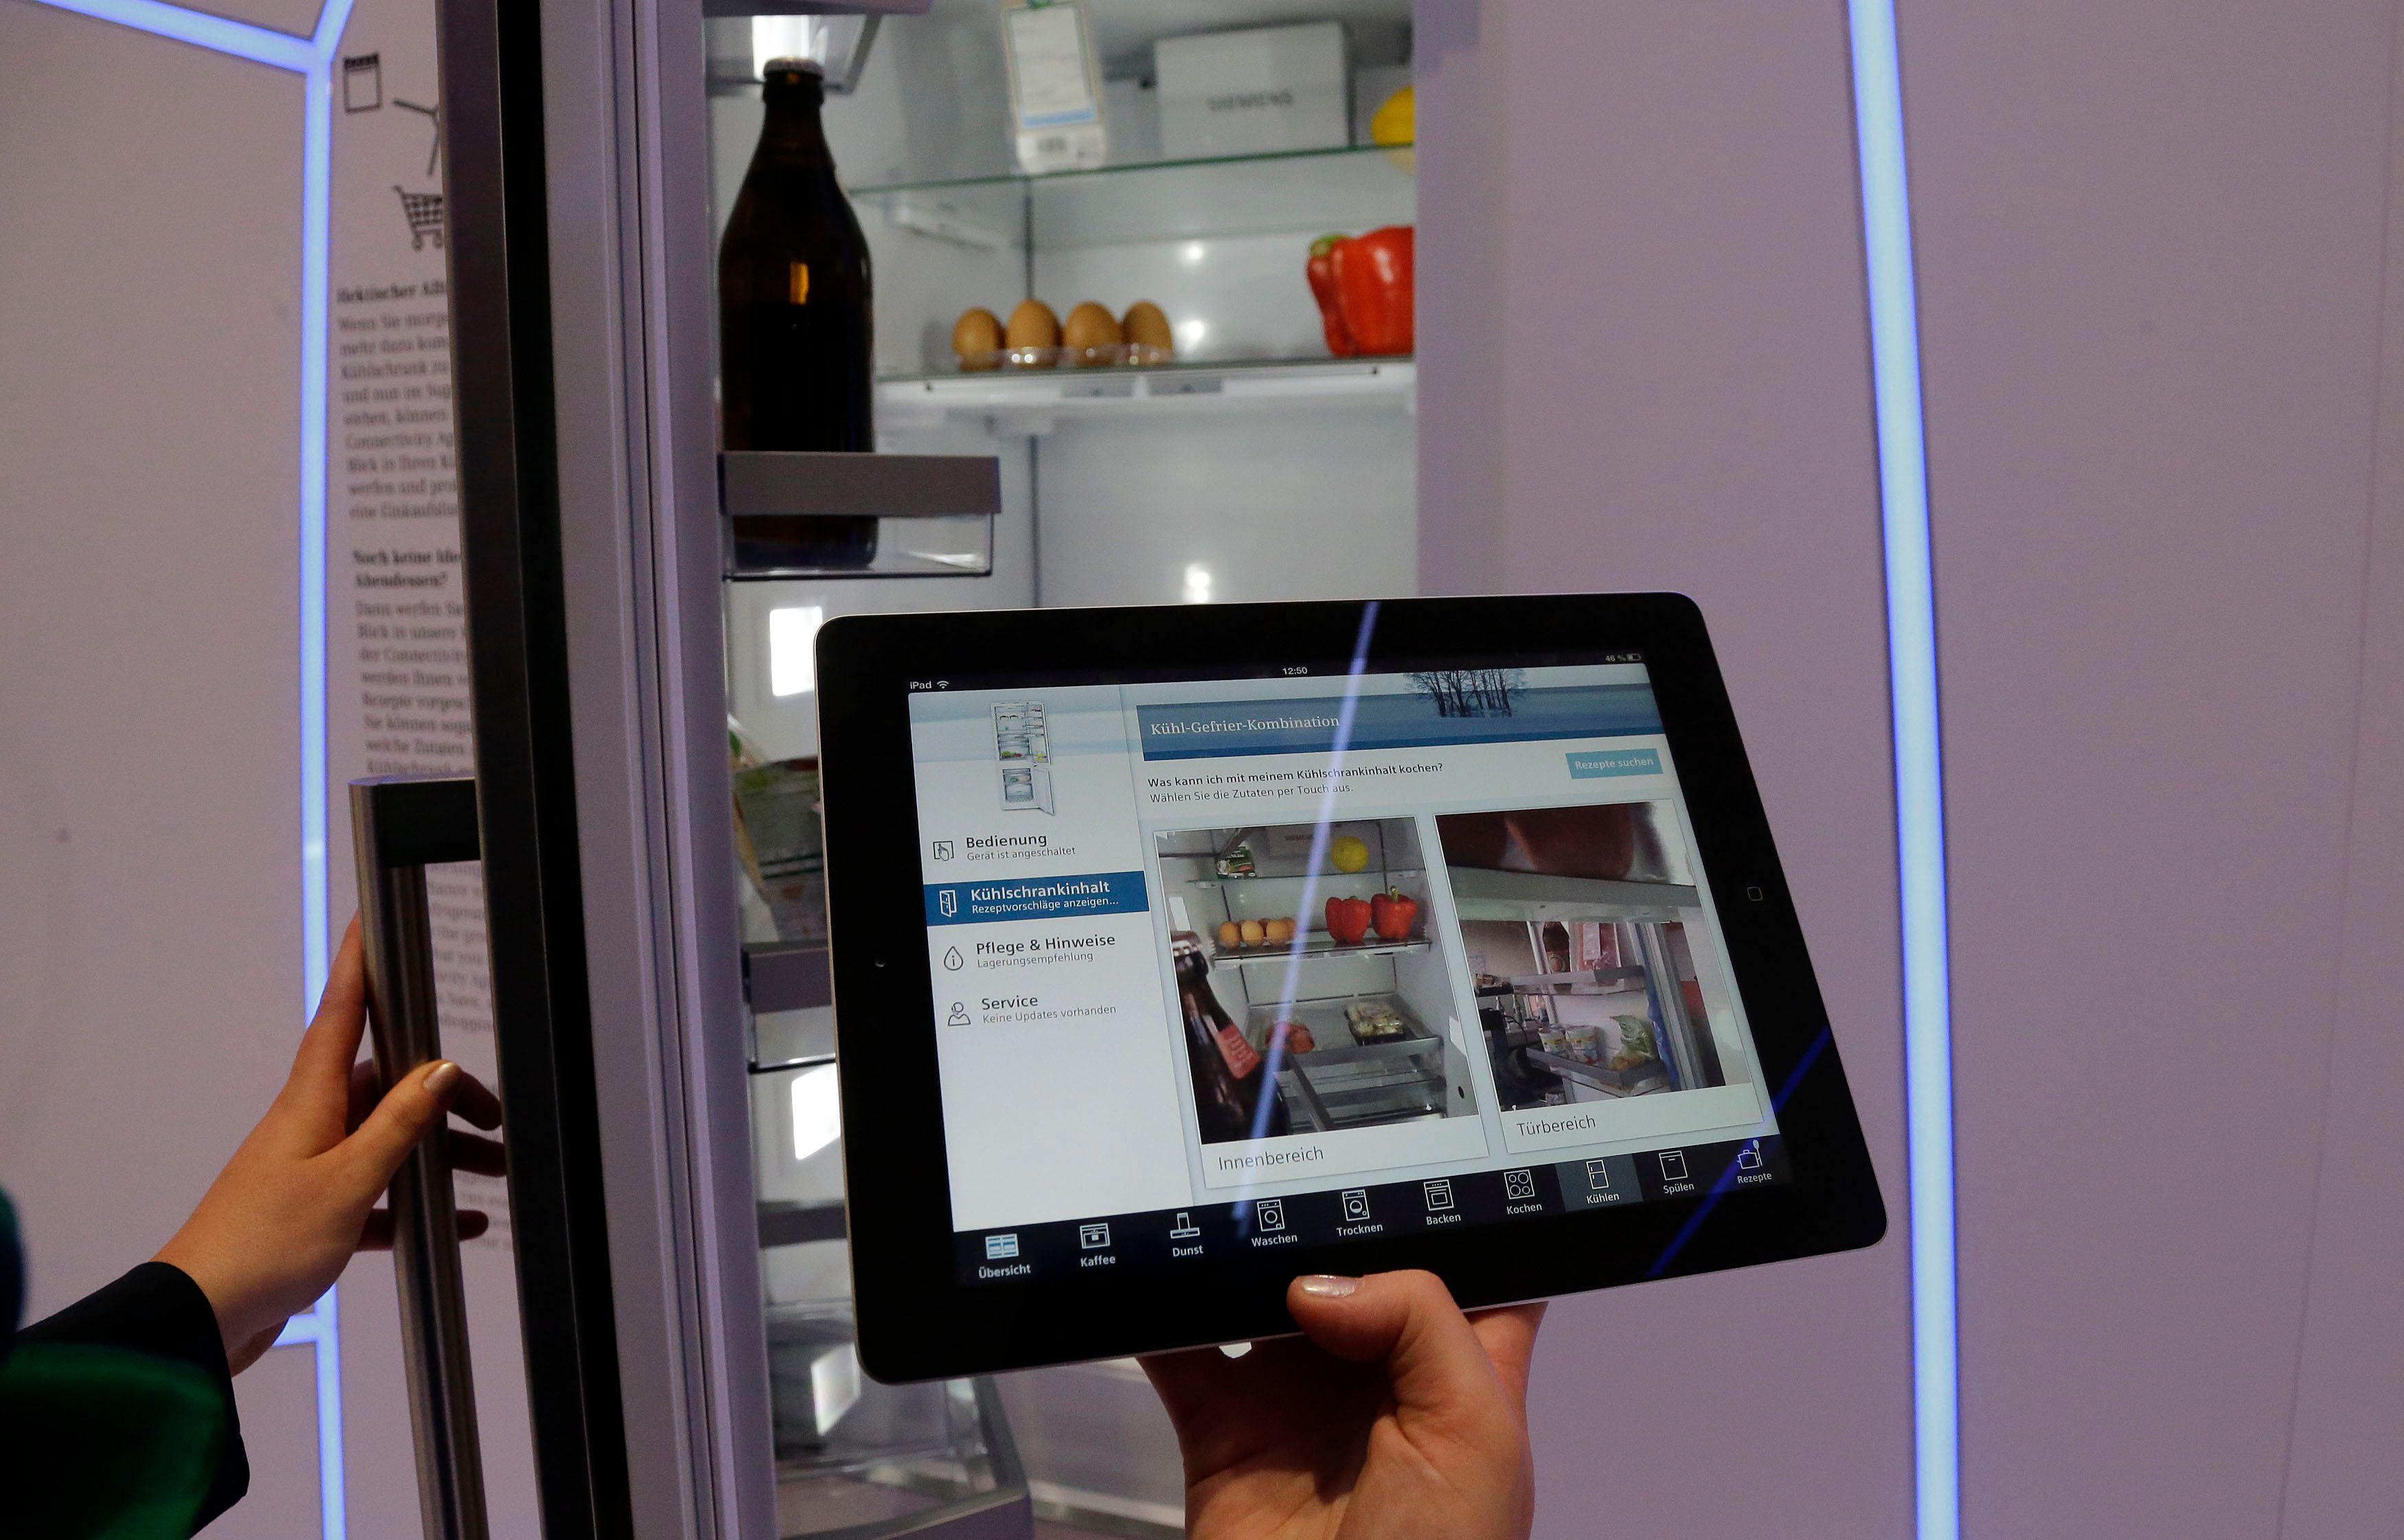 La marque Siemens présente sa gamme de réfrigérateurs intelligents à l'occasion du salon IFA de Berlin qui débute ce vendredi jusqu'au 9 septembre.